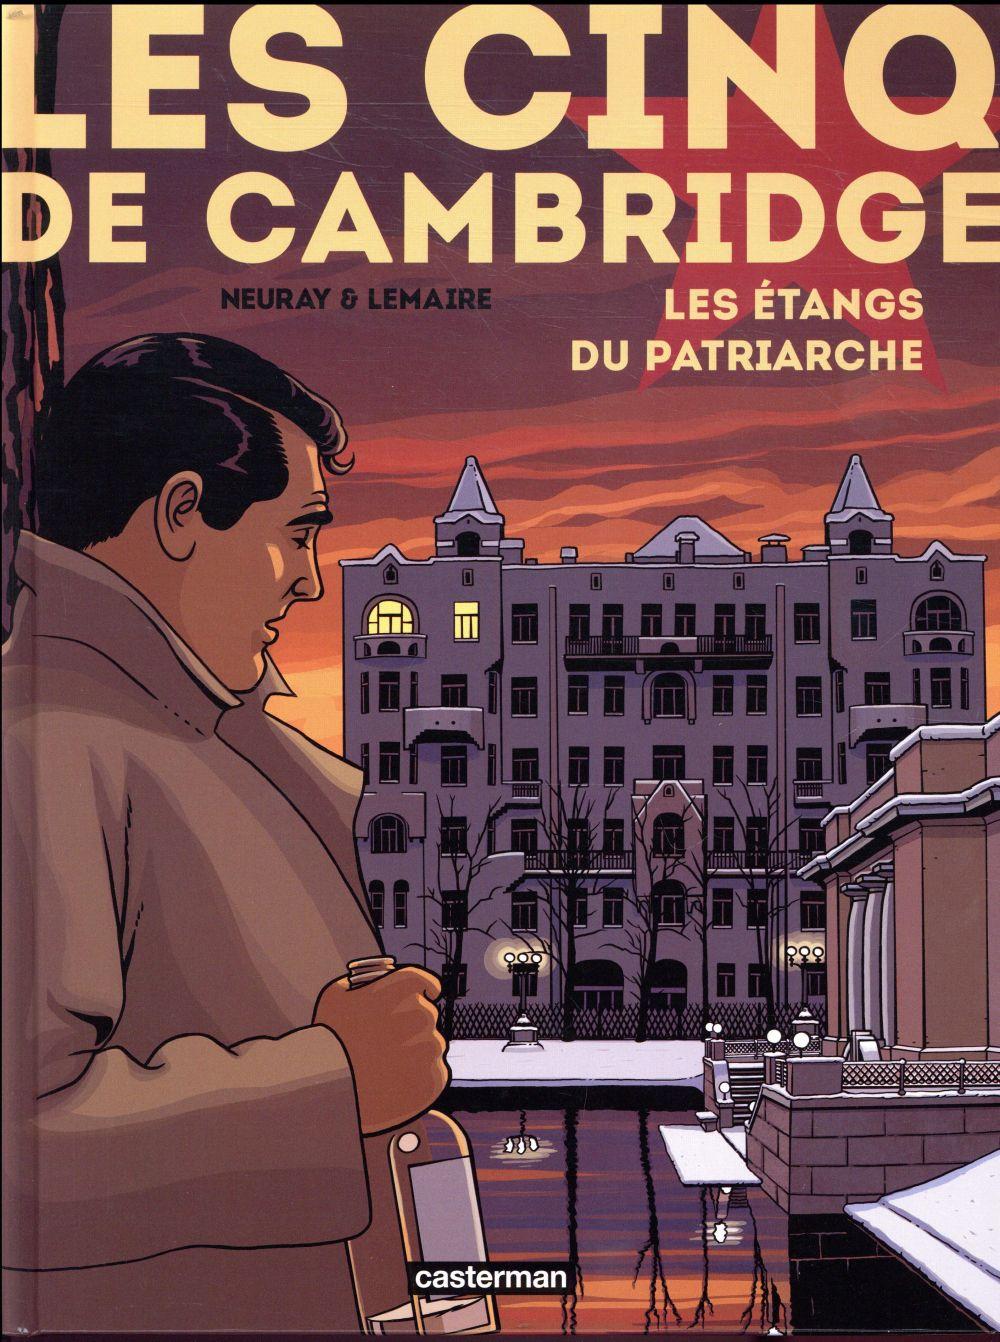 LES CINQ DE CAMBRIDGE